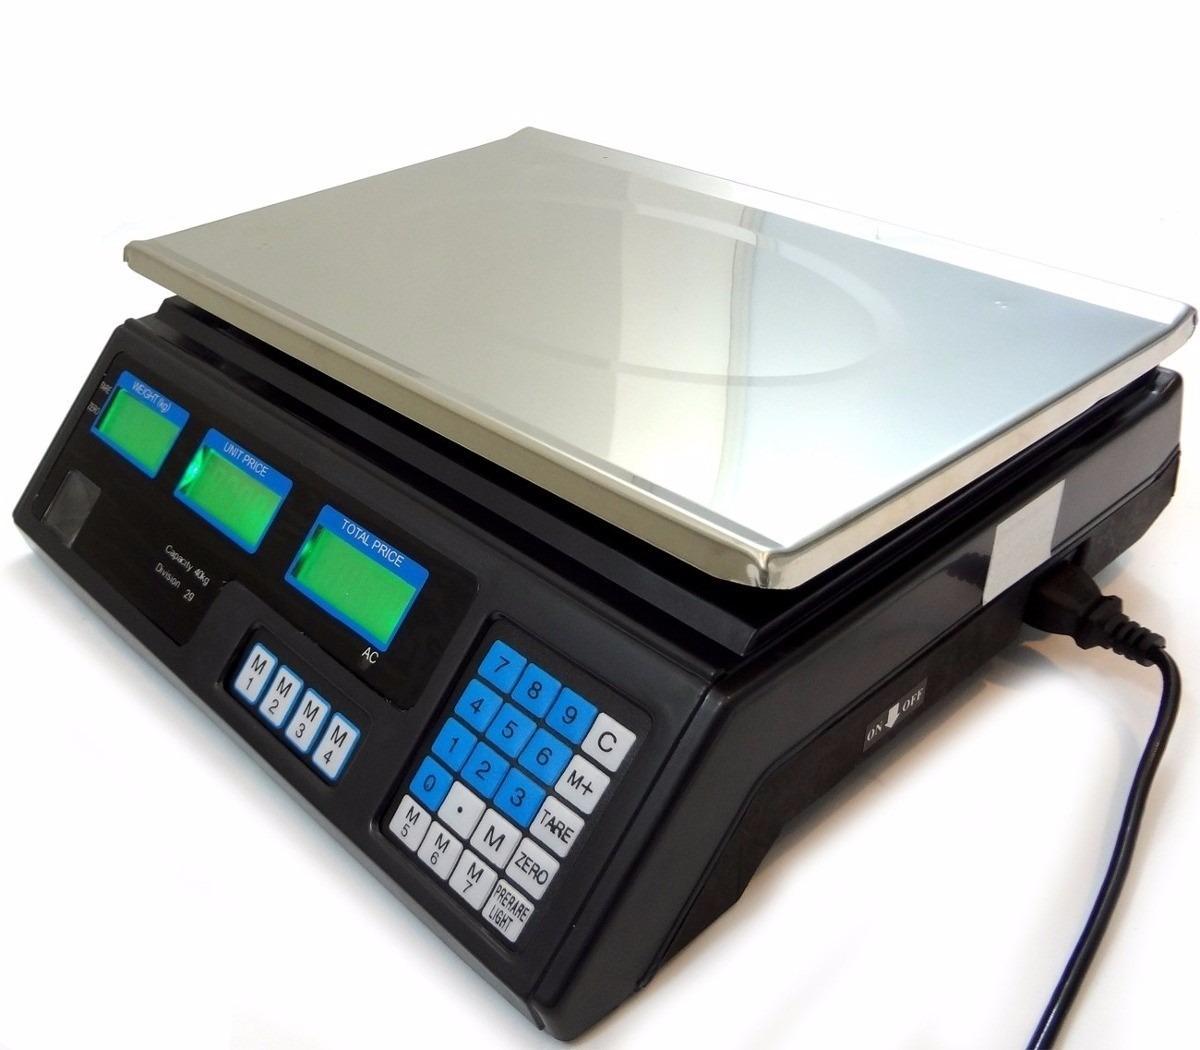 Balança Eletronica De Alta Precisao Digital 40kg Com Bateria R$ 189  #126FB9 1200x1050 Balança Digital Banheiro Worker